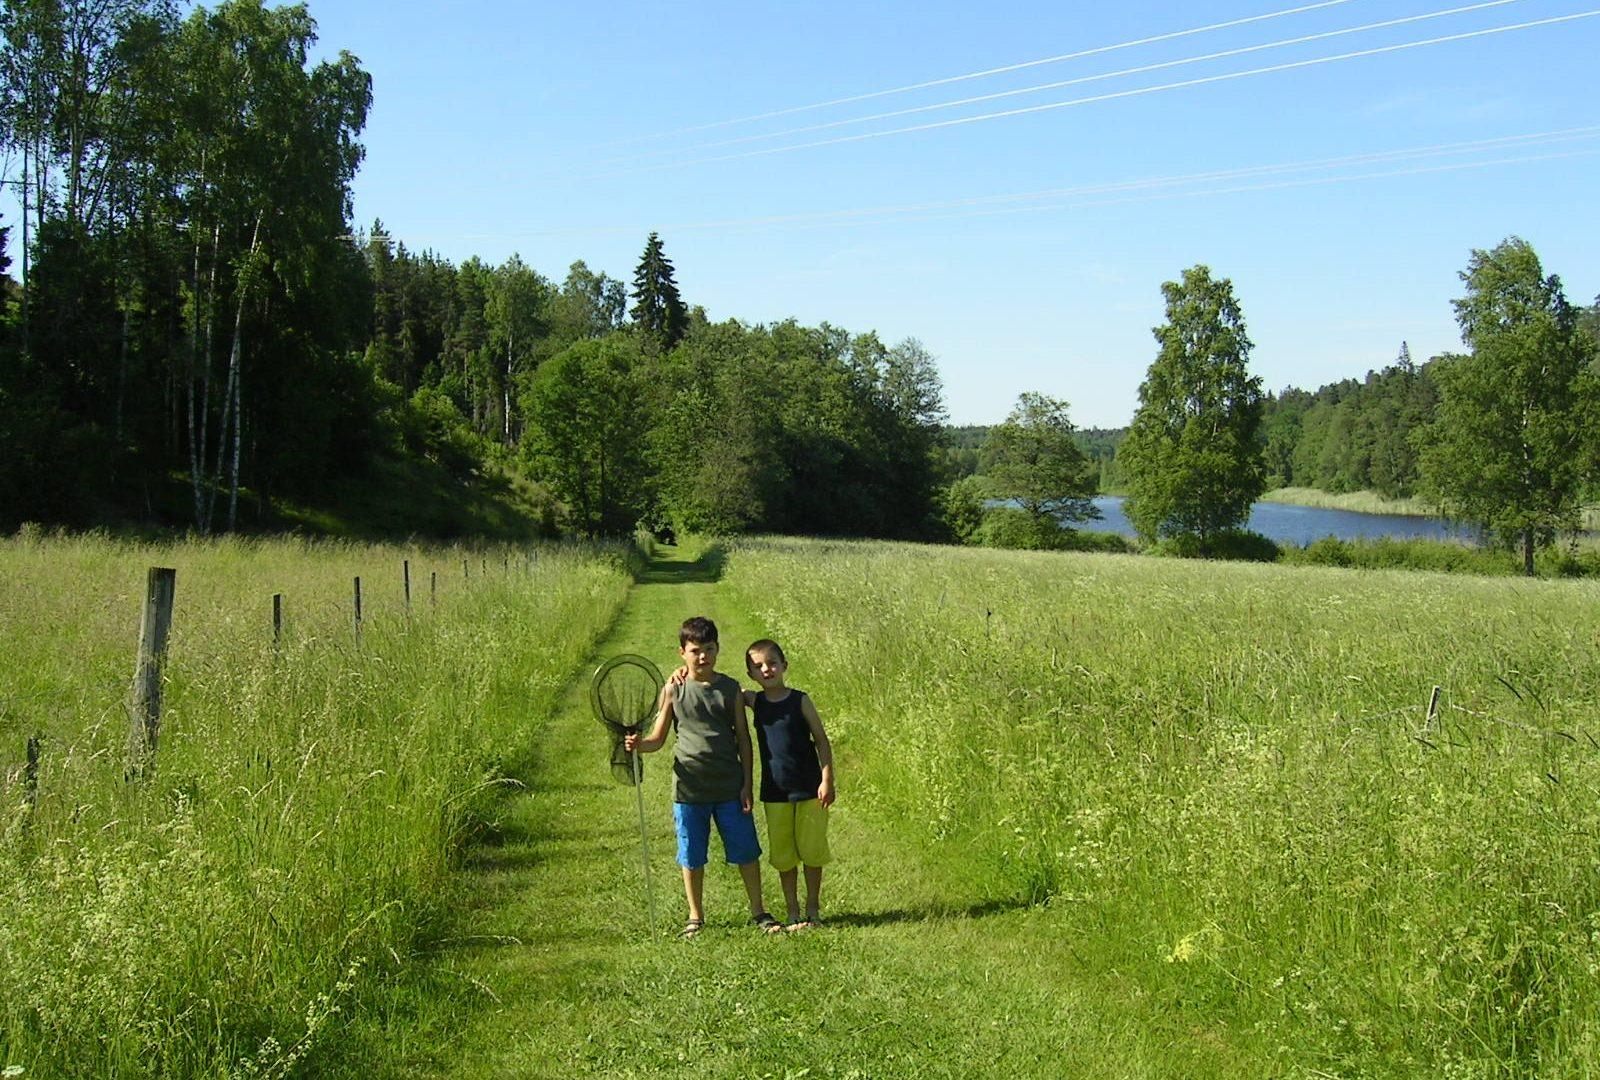 Familienurlaub mit dem Wohnmobil in Schweden